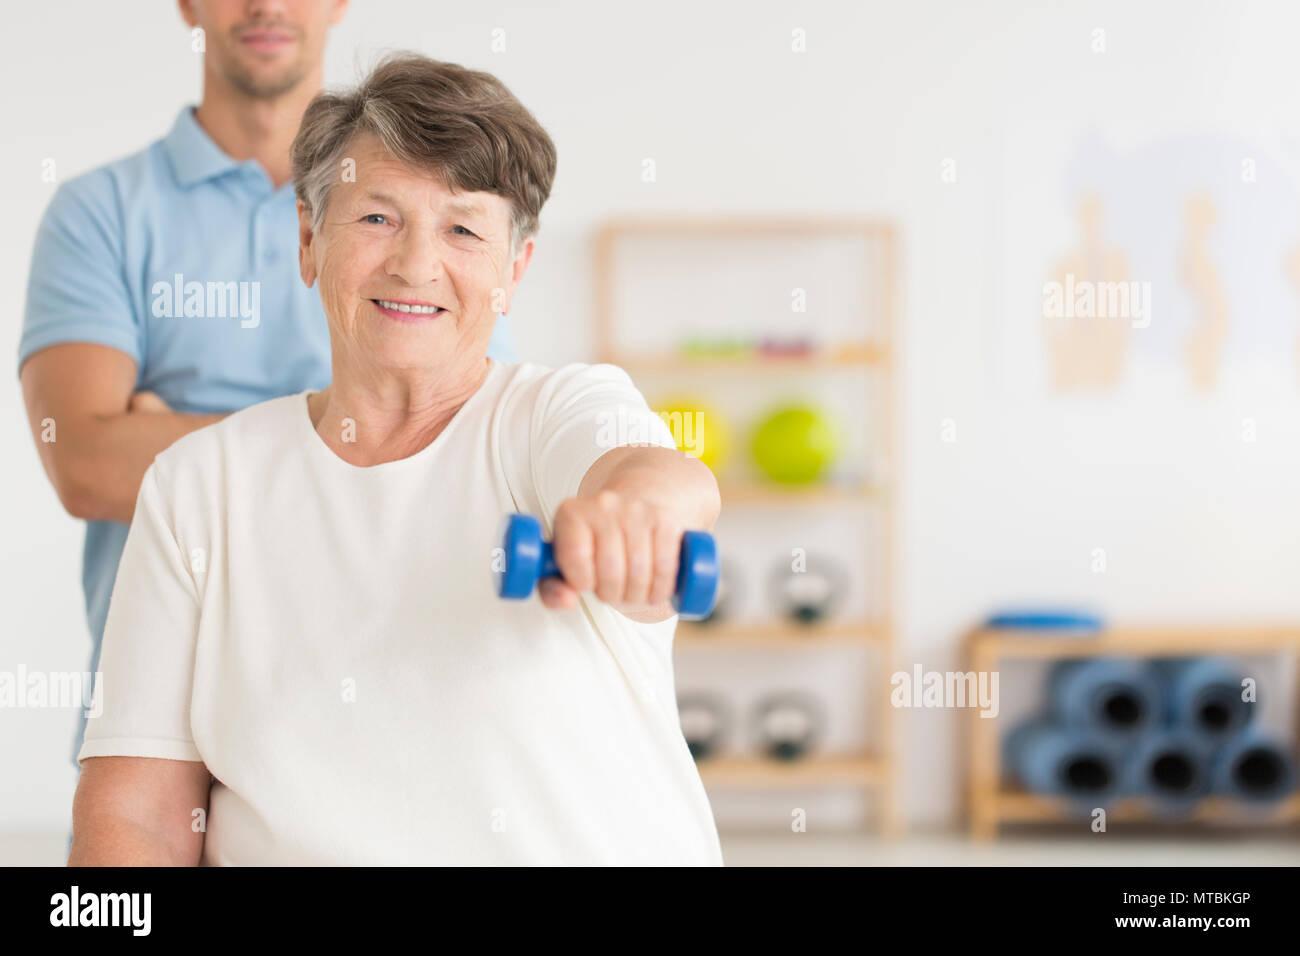 Ältere Frau aktiv, isometrische Übungen geleitet von Physiotherapeuten im Krankenhaus Rehabilitation Centre Stockbild